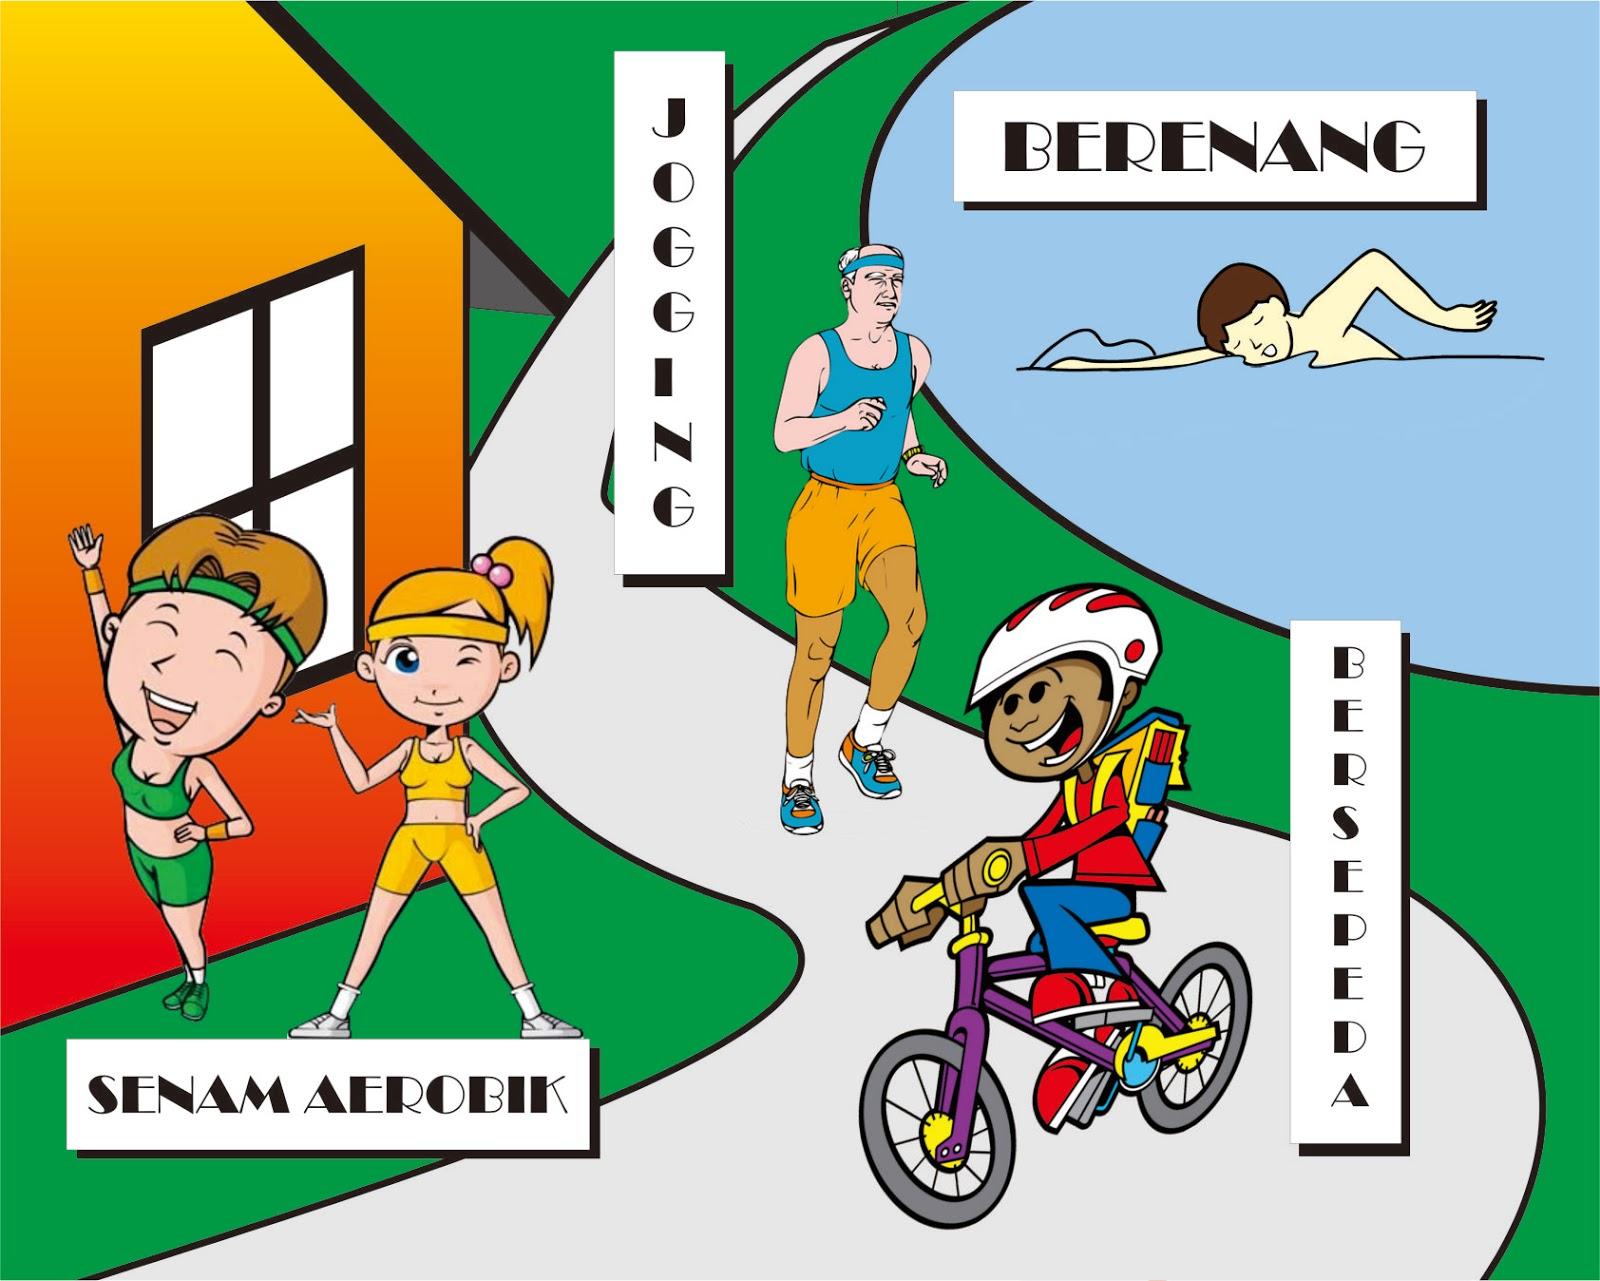 Olahraga Tepat untuk Bantu Anak Obesitas Turunkan Berat badan